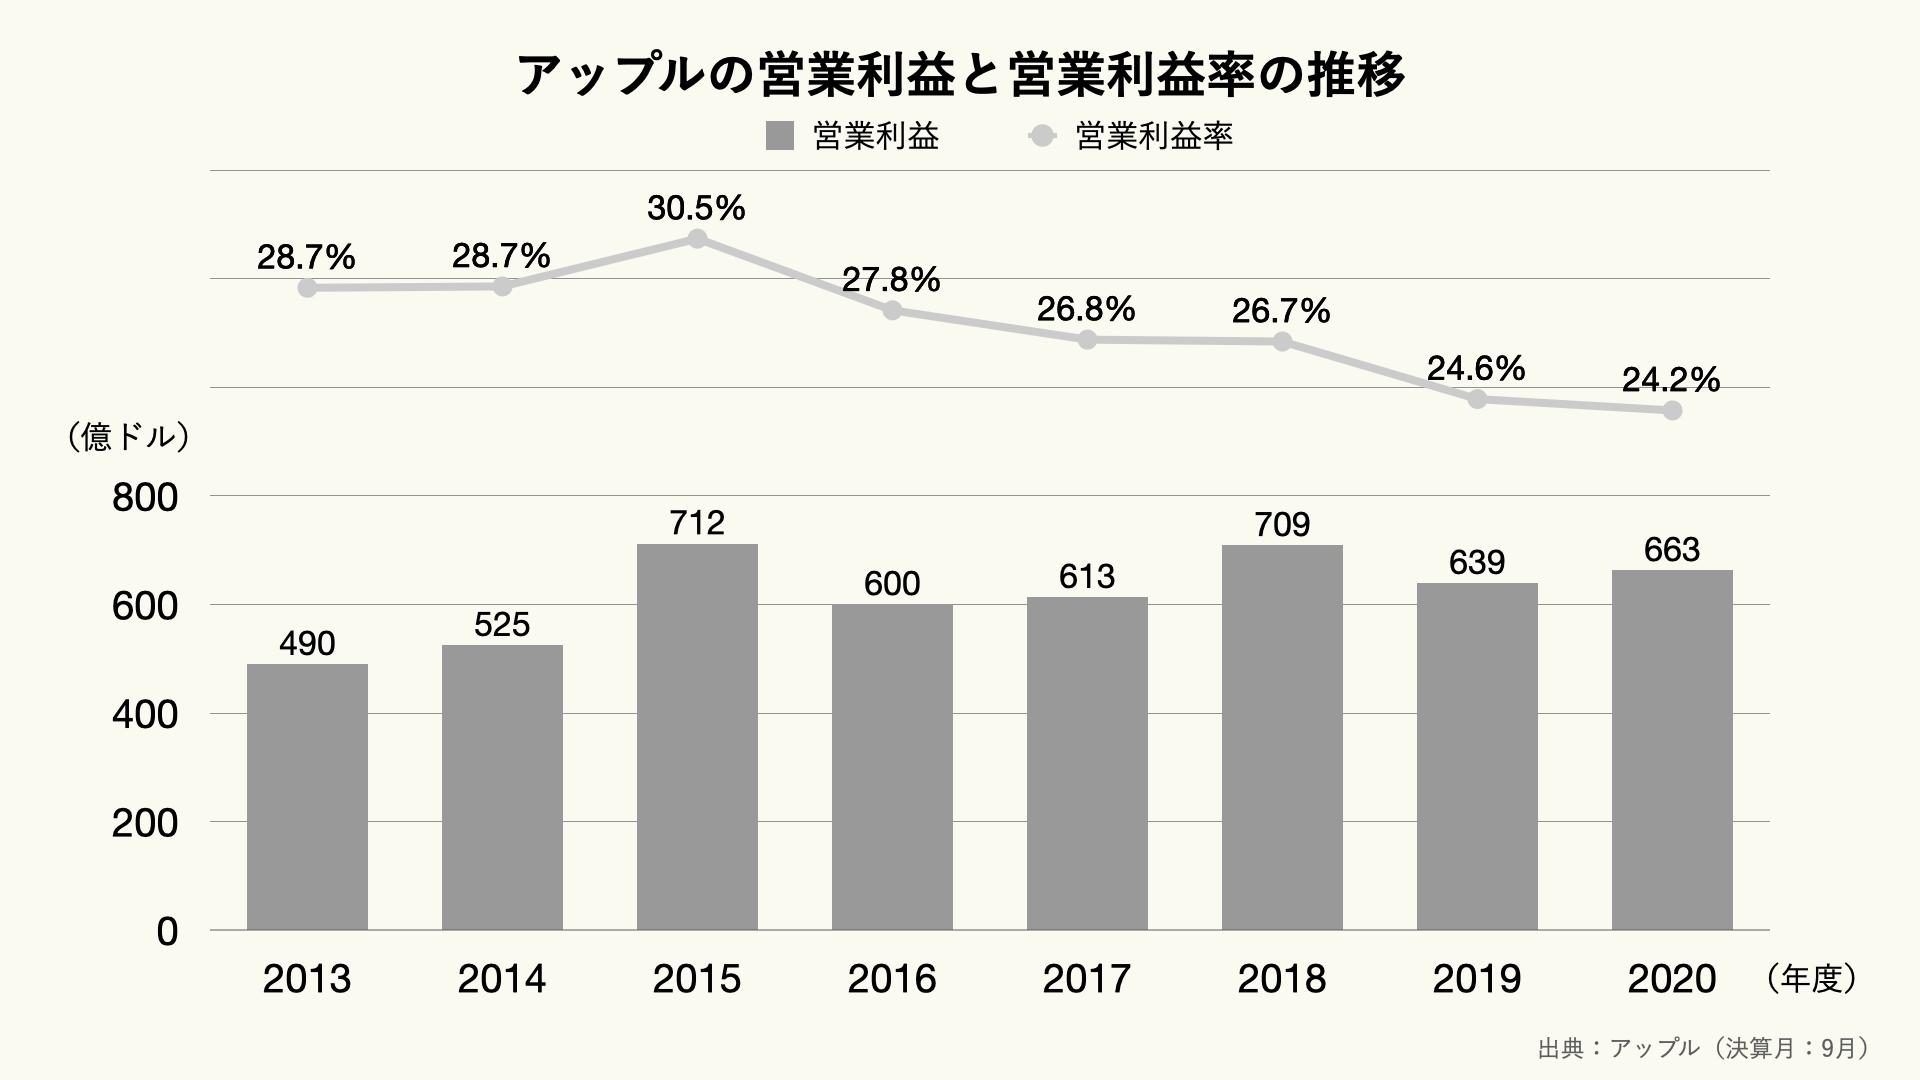 アップルの営業利益と営業利益率の推移のグラフ